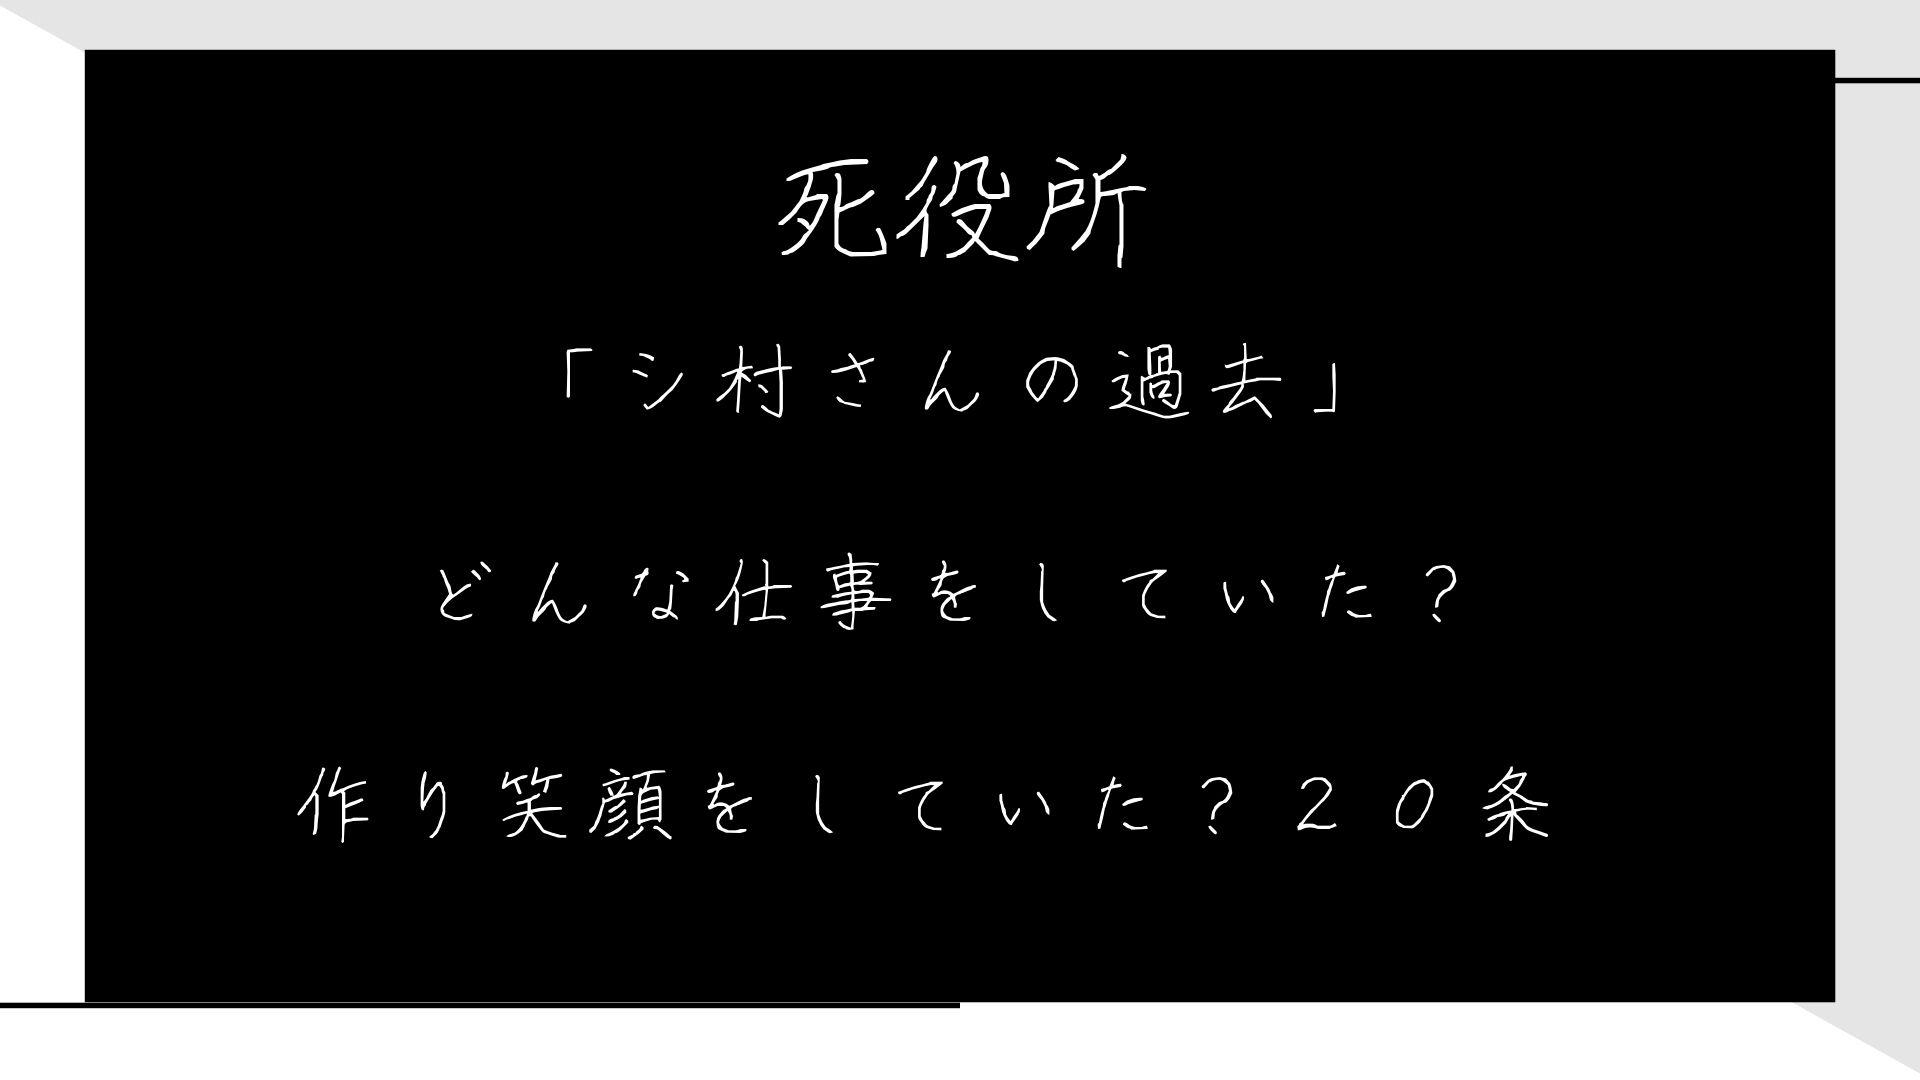 死役所「シ村さんの過去」どんな仕事をしていた?生前は作り笑顔をしていなかった?20条